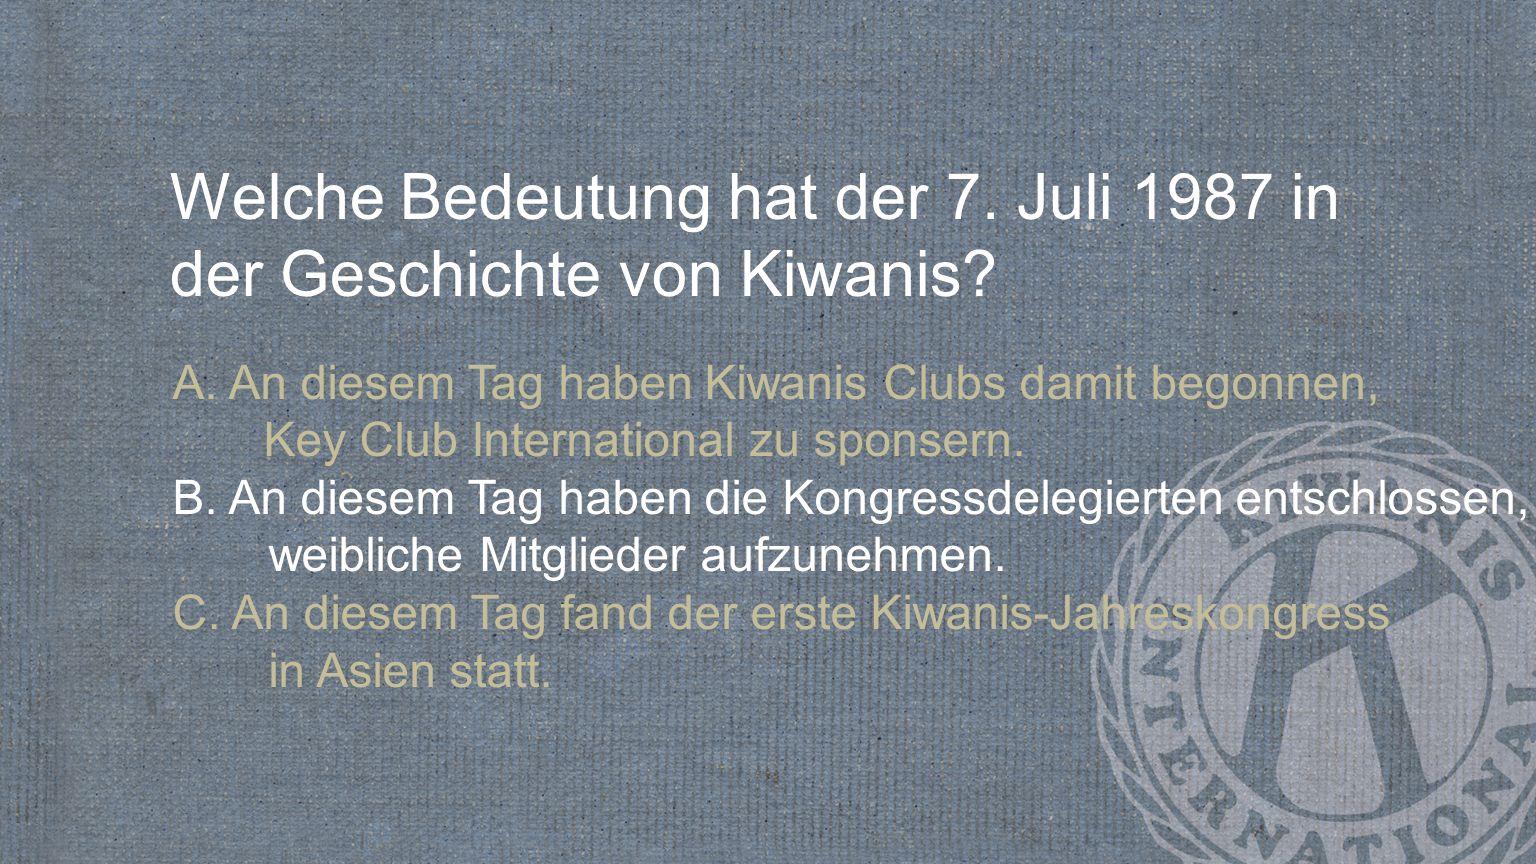 Welche Bedeutung hat der 7. Juli 1987 in der Geschichte von Kiwanis